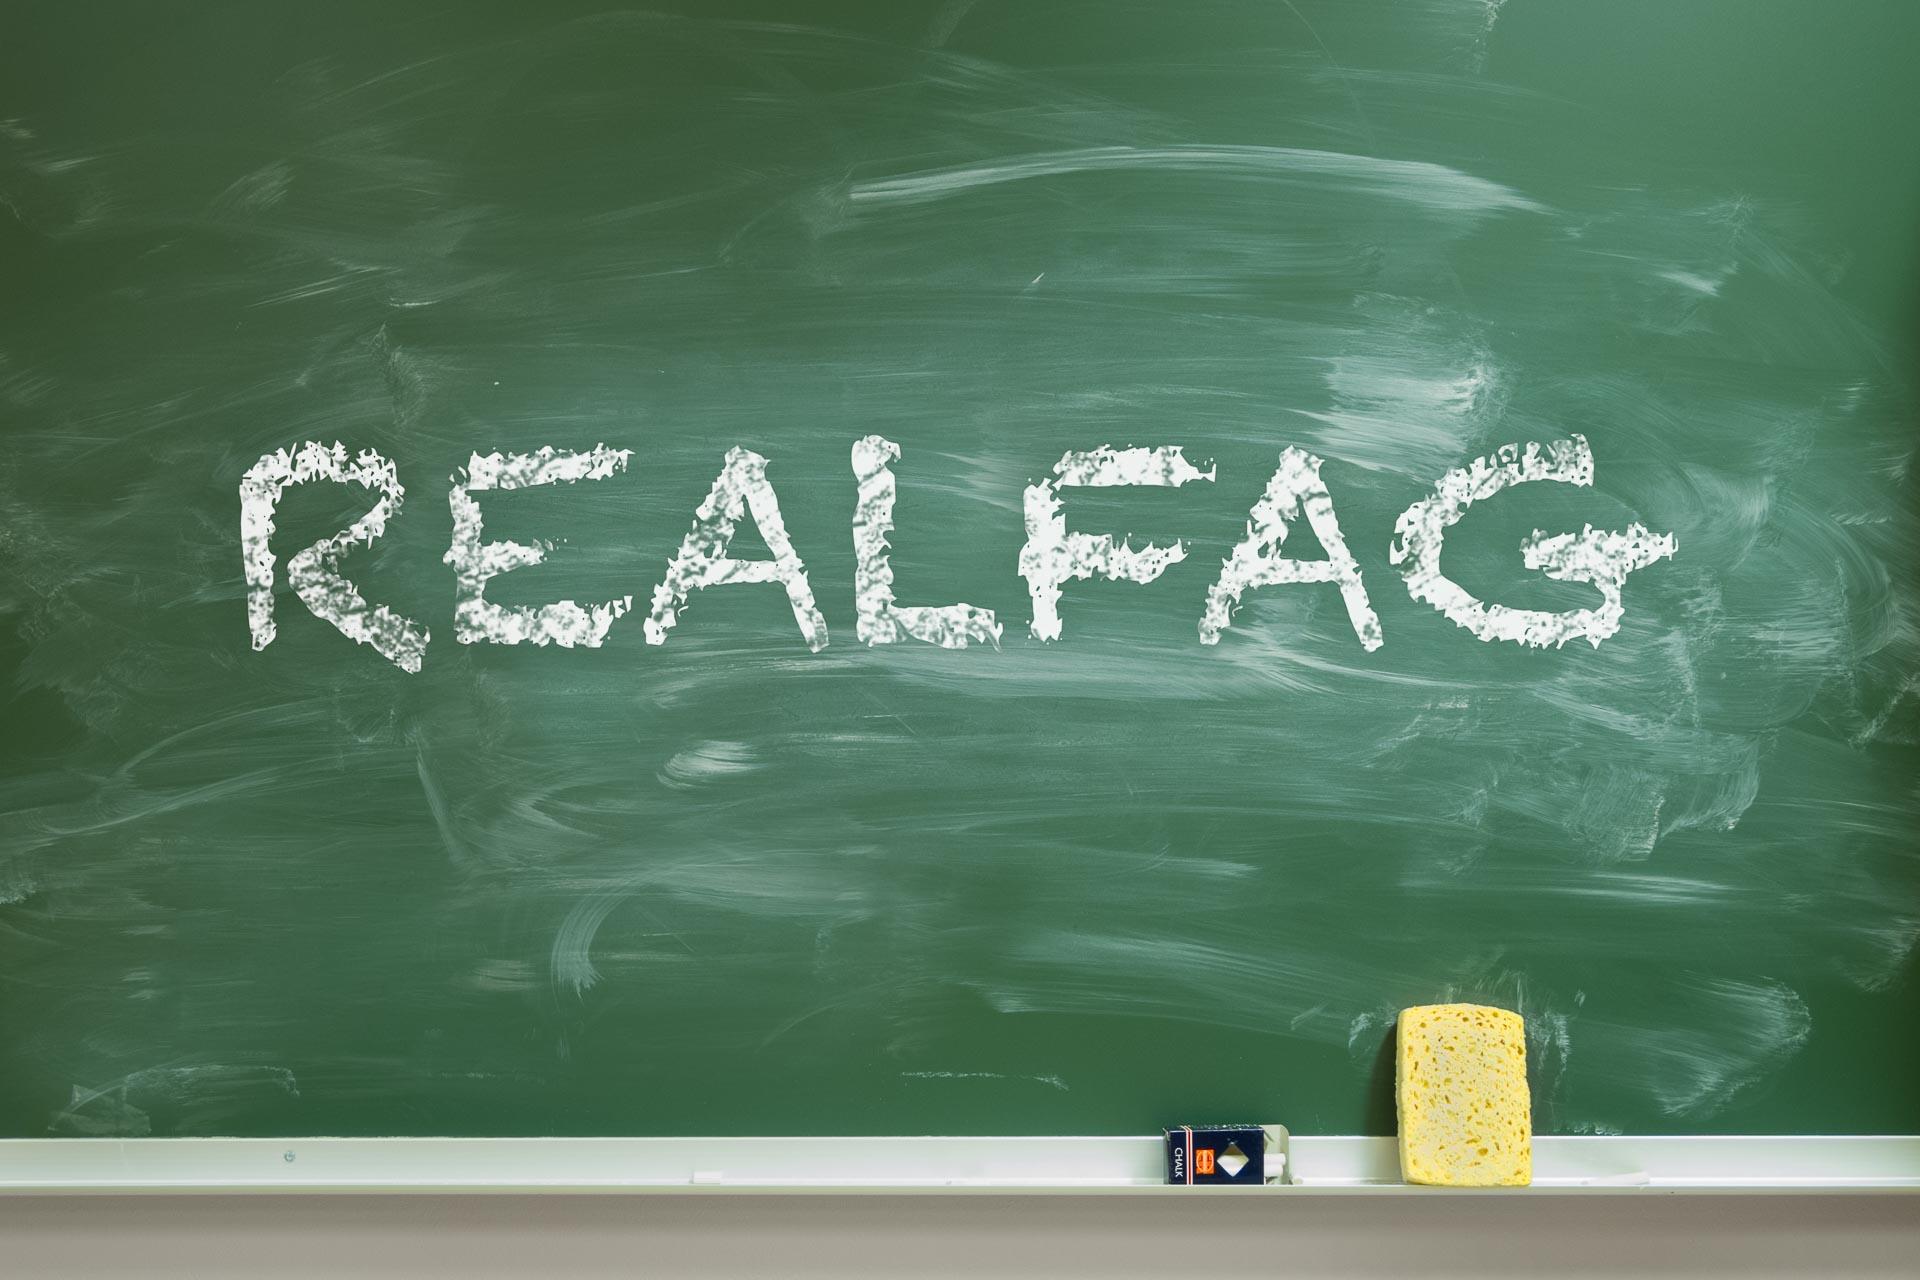 Fagerlia vgs (Realfag på tavla), betalt